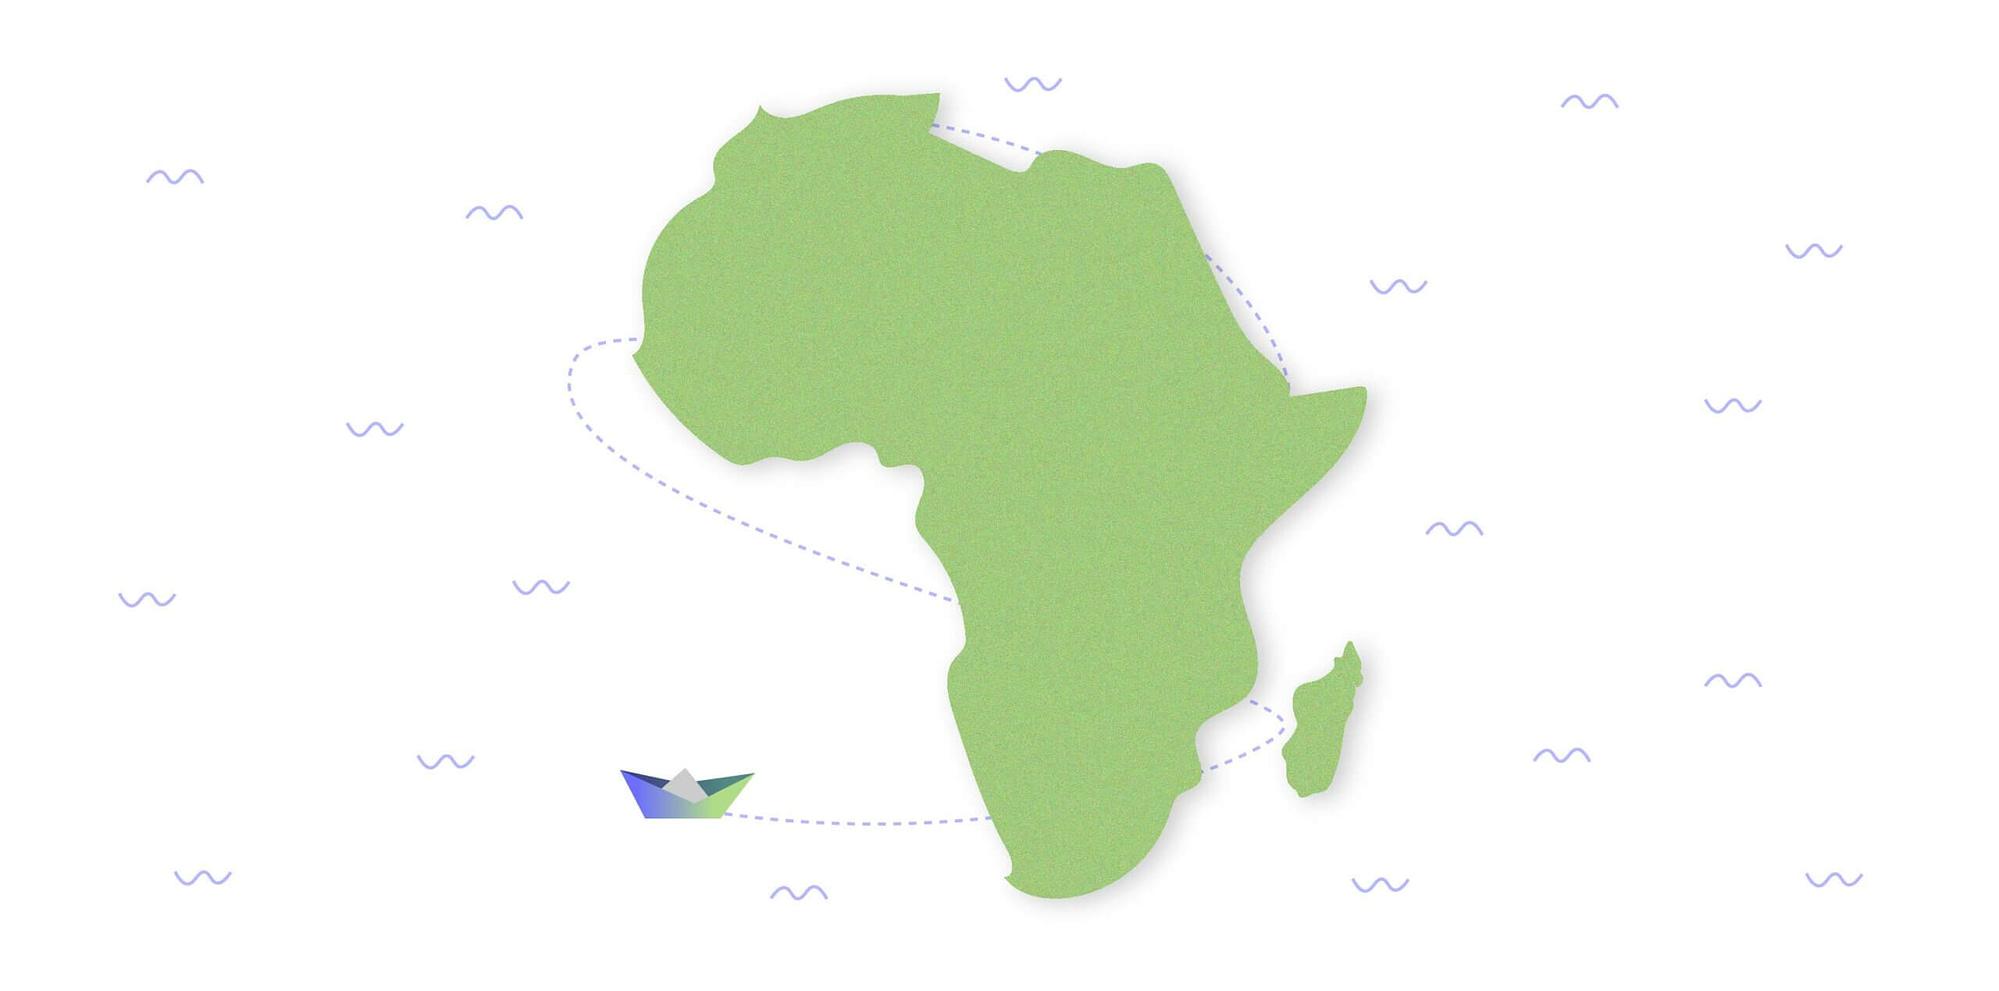 fintech in subsaharan africa